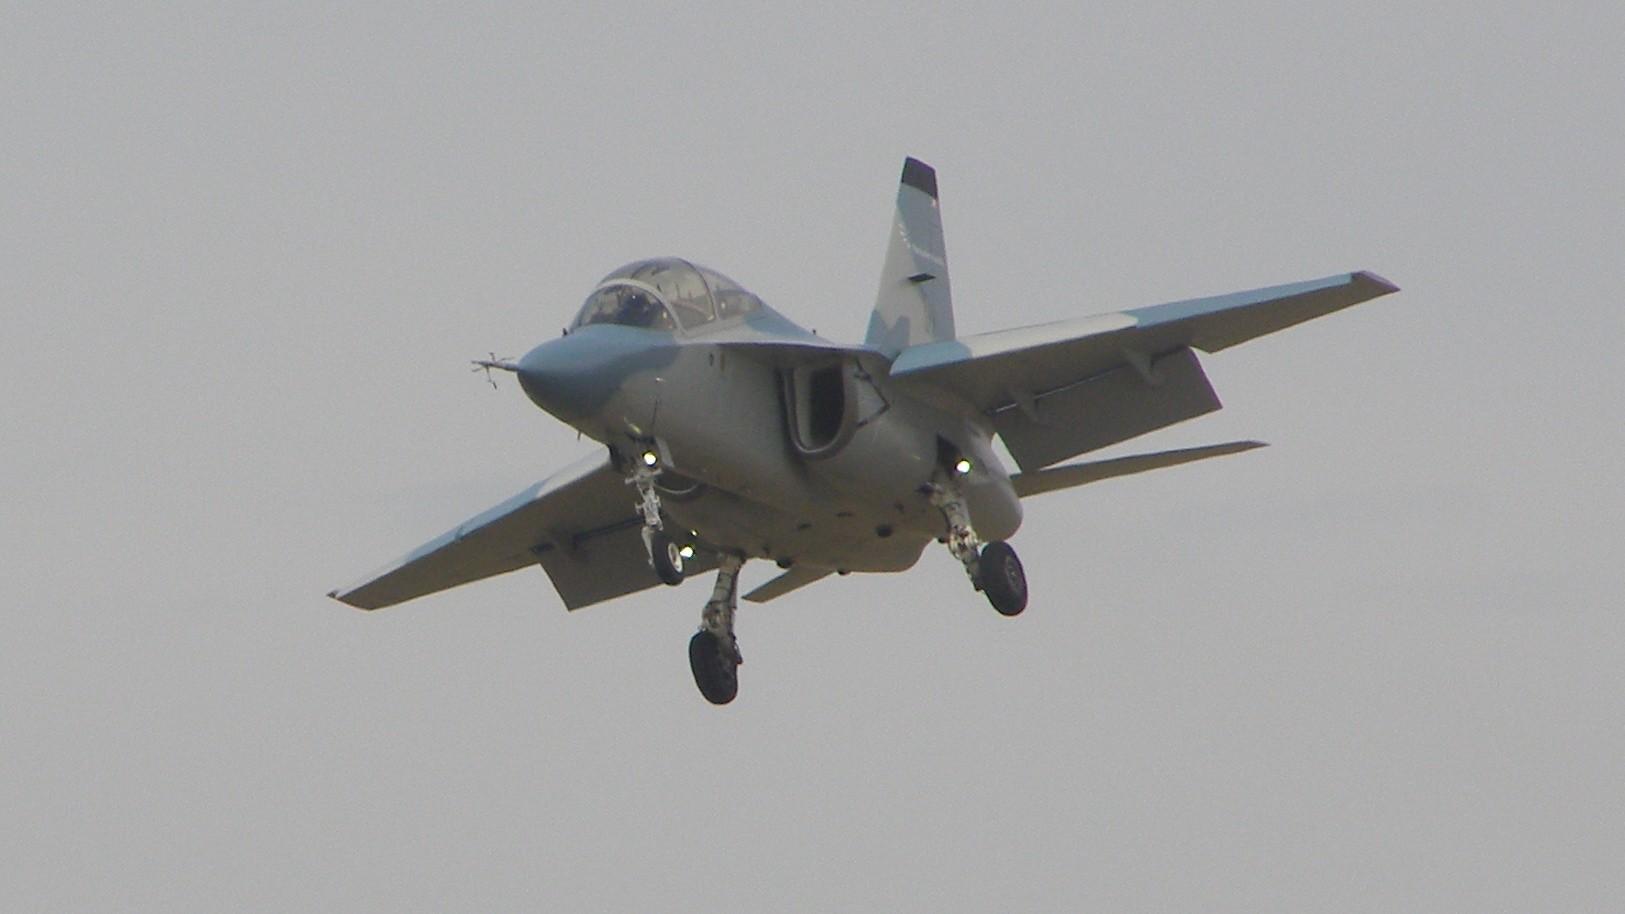 Учебный самолёт M-346 Master https://ru.wikipedia.org/wiki/Aermacchi_M-346 - Италия начала сборку первого самолёта M-346 Master для ВВС Польши | Военно-исторический портал Warspot.ru